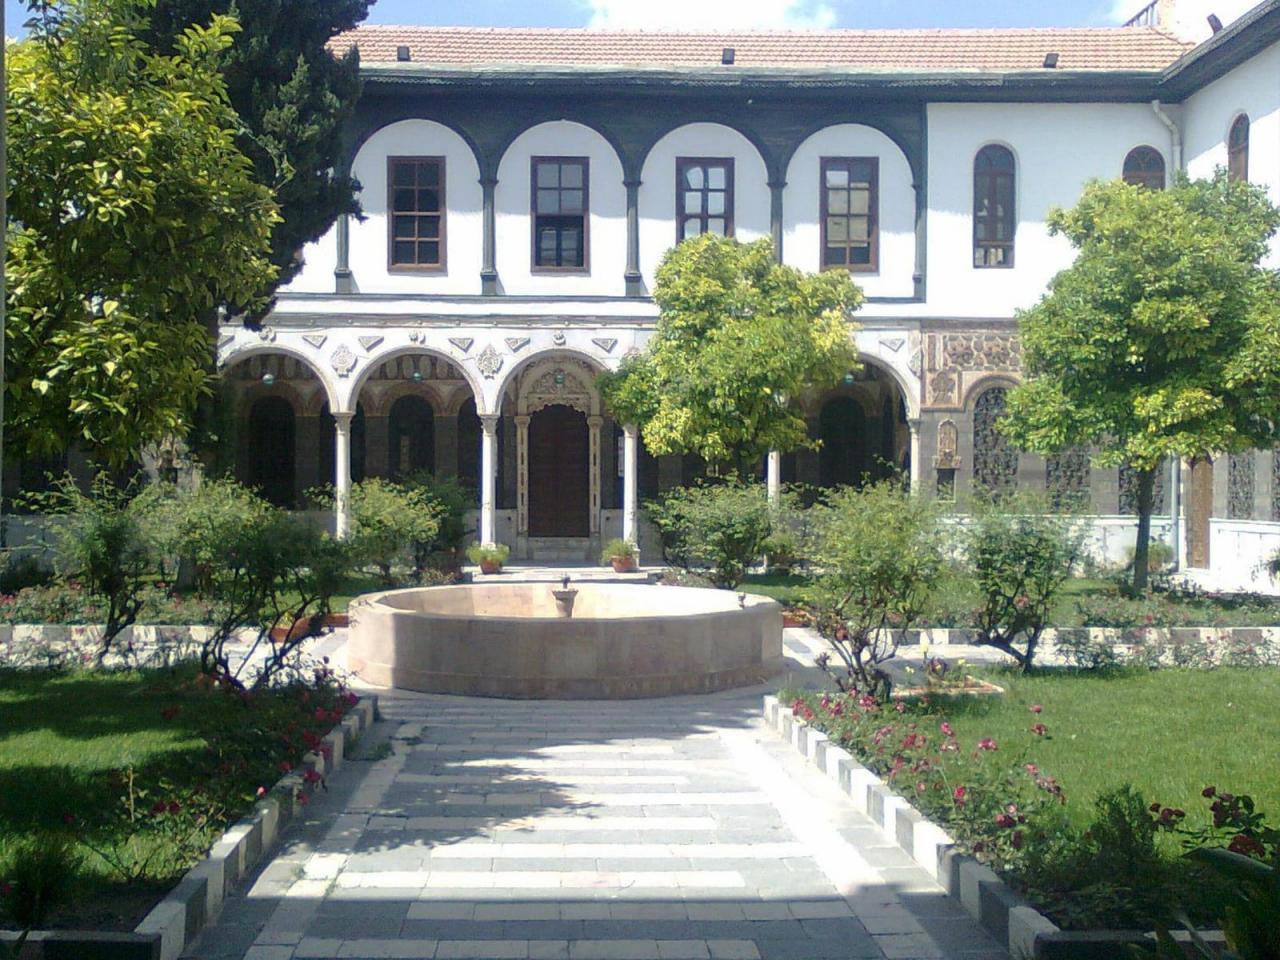 خانه عنبر دمشق از بزرگترین خانههای تاریخی شهر دمشق